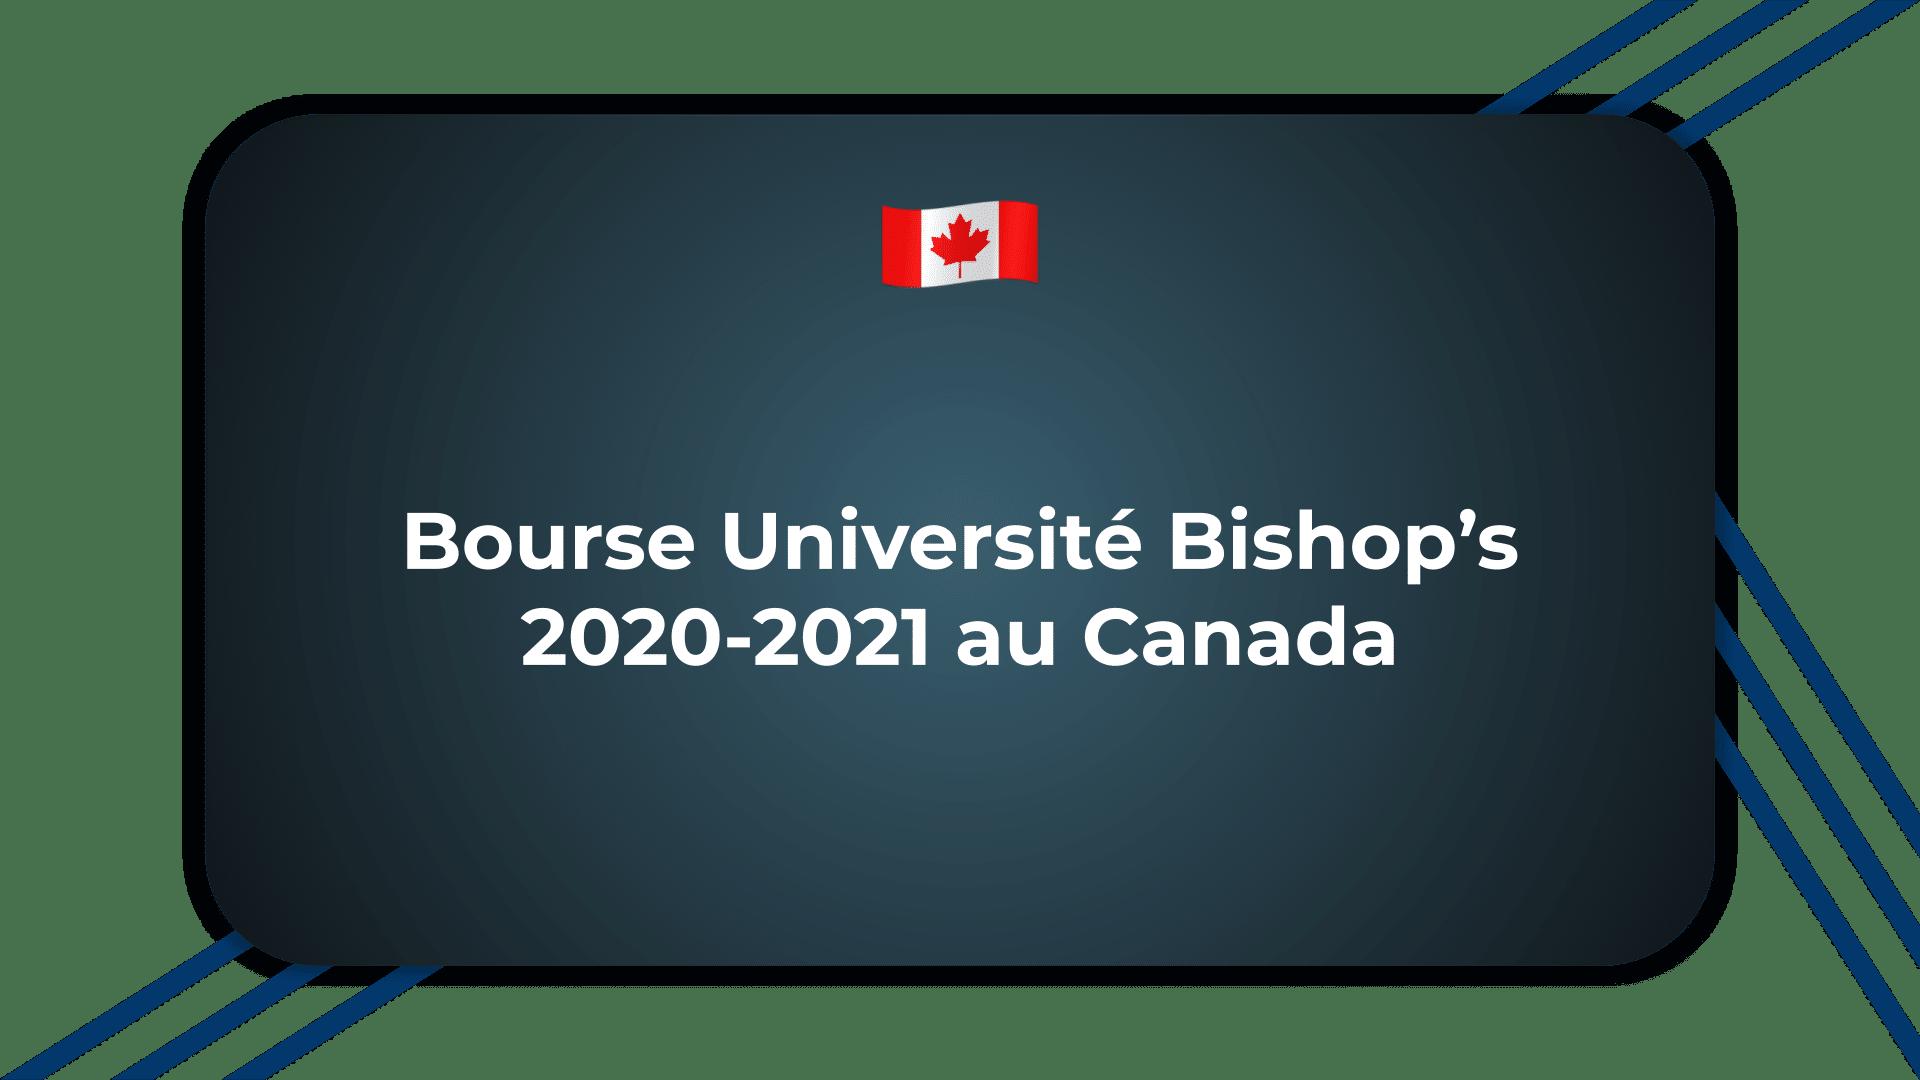 Bourse Université Bishop's